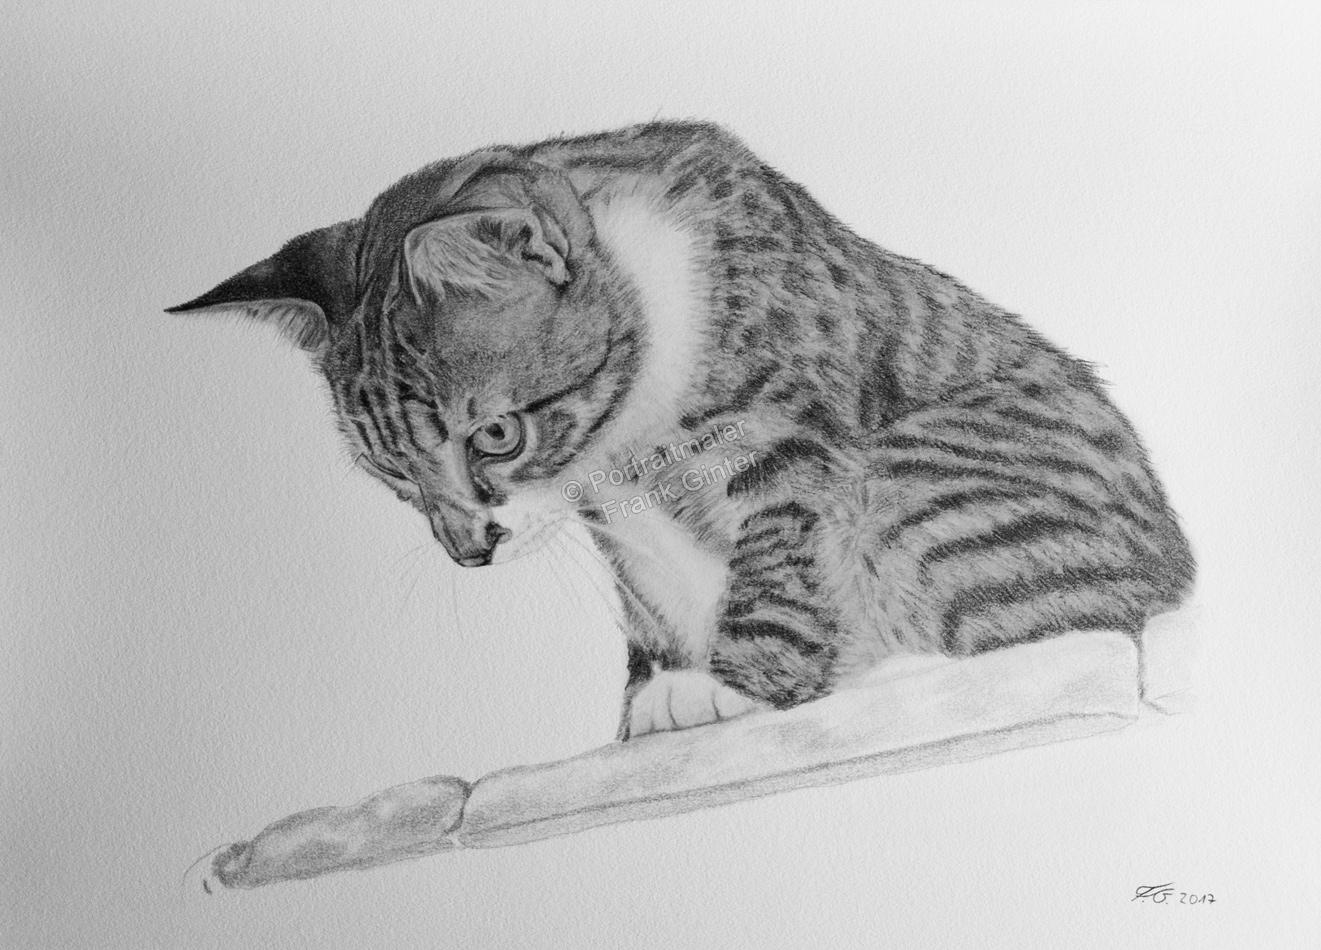 Bleistiftzeichnung, Tierportraits Katzen, Bleistiftzeichnungen, Tierzeichnungen, Katze in Kohle und Bleistift